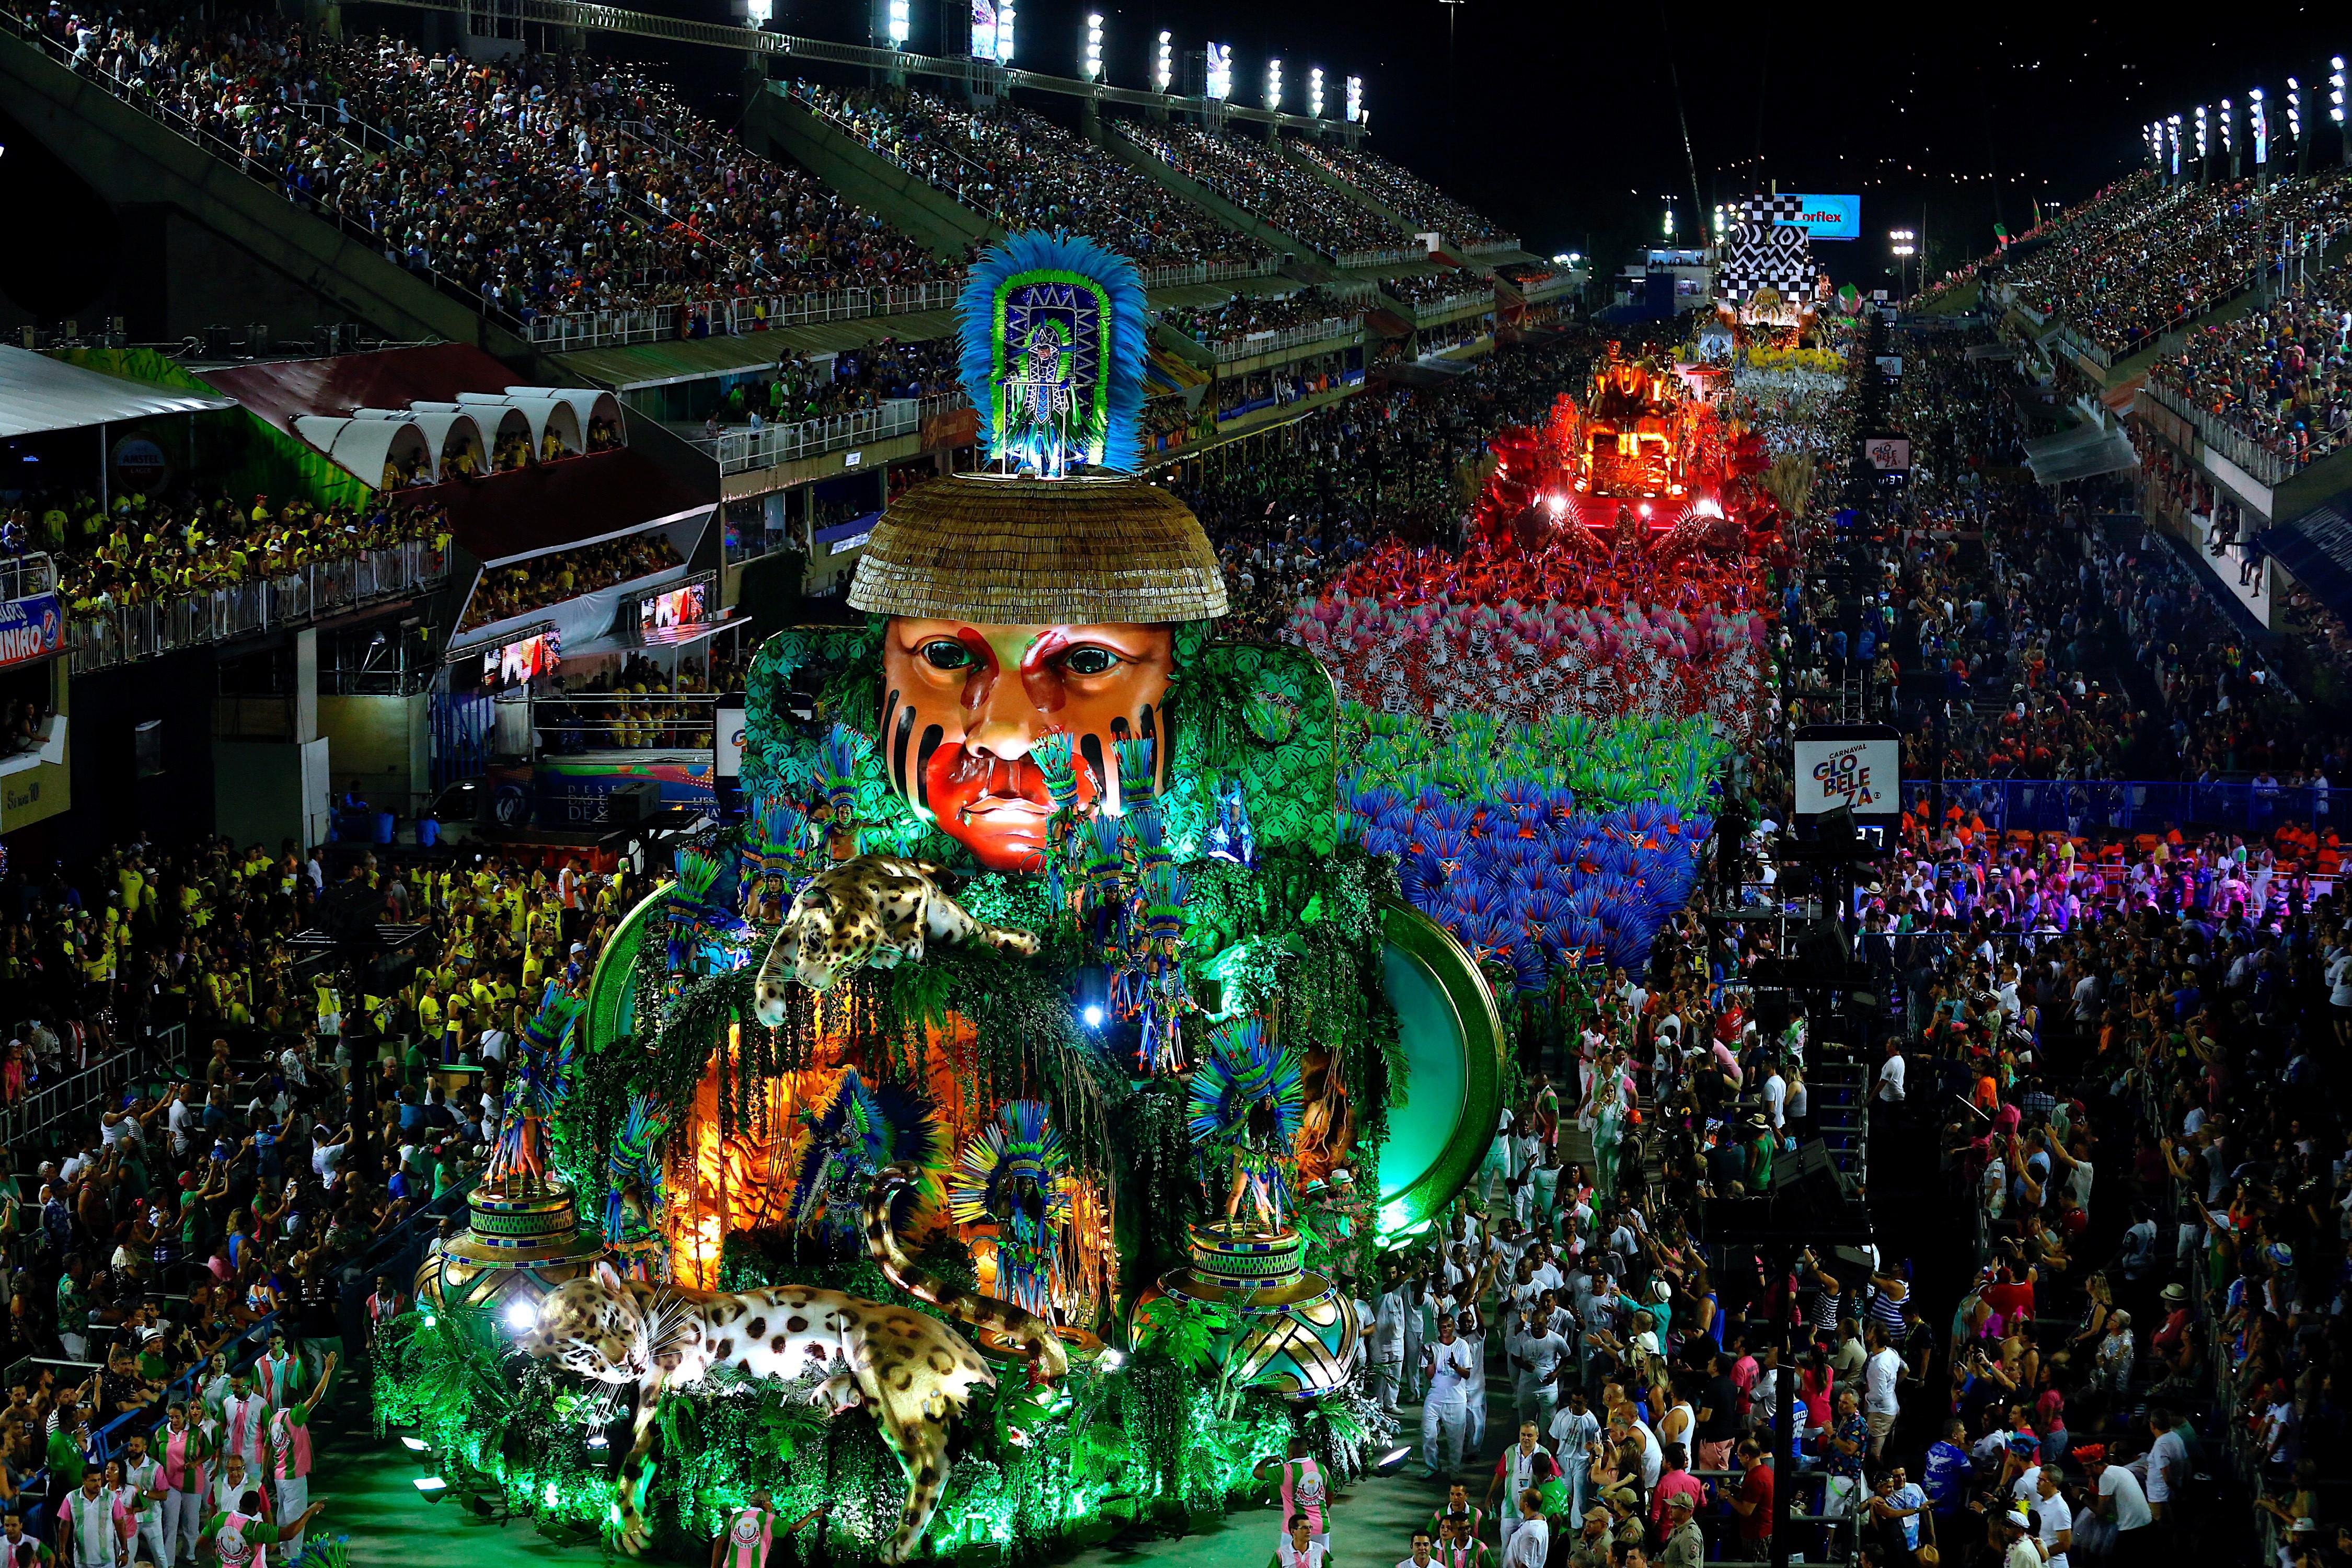 Escola de samba vence carnaval do Rio, com homenagem a Marielle Franco